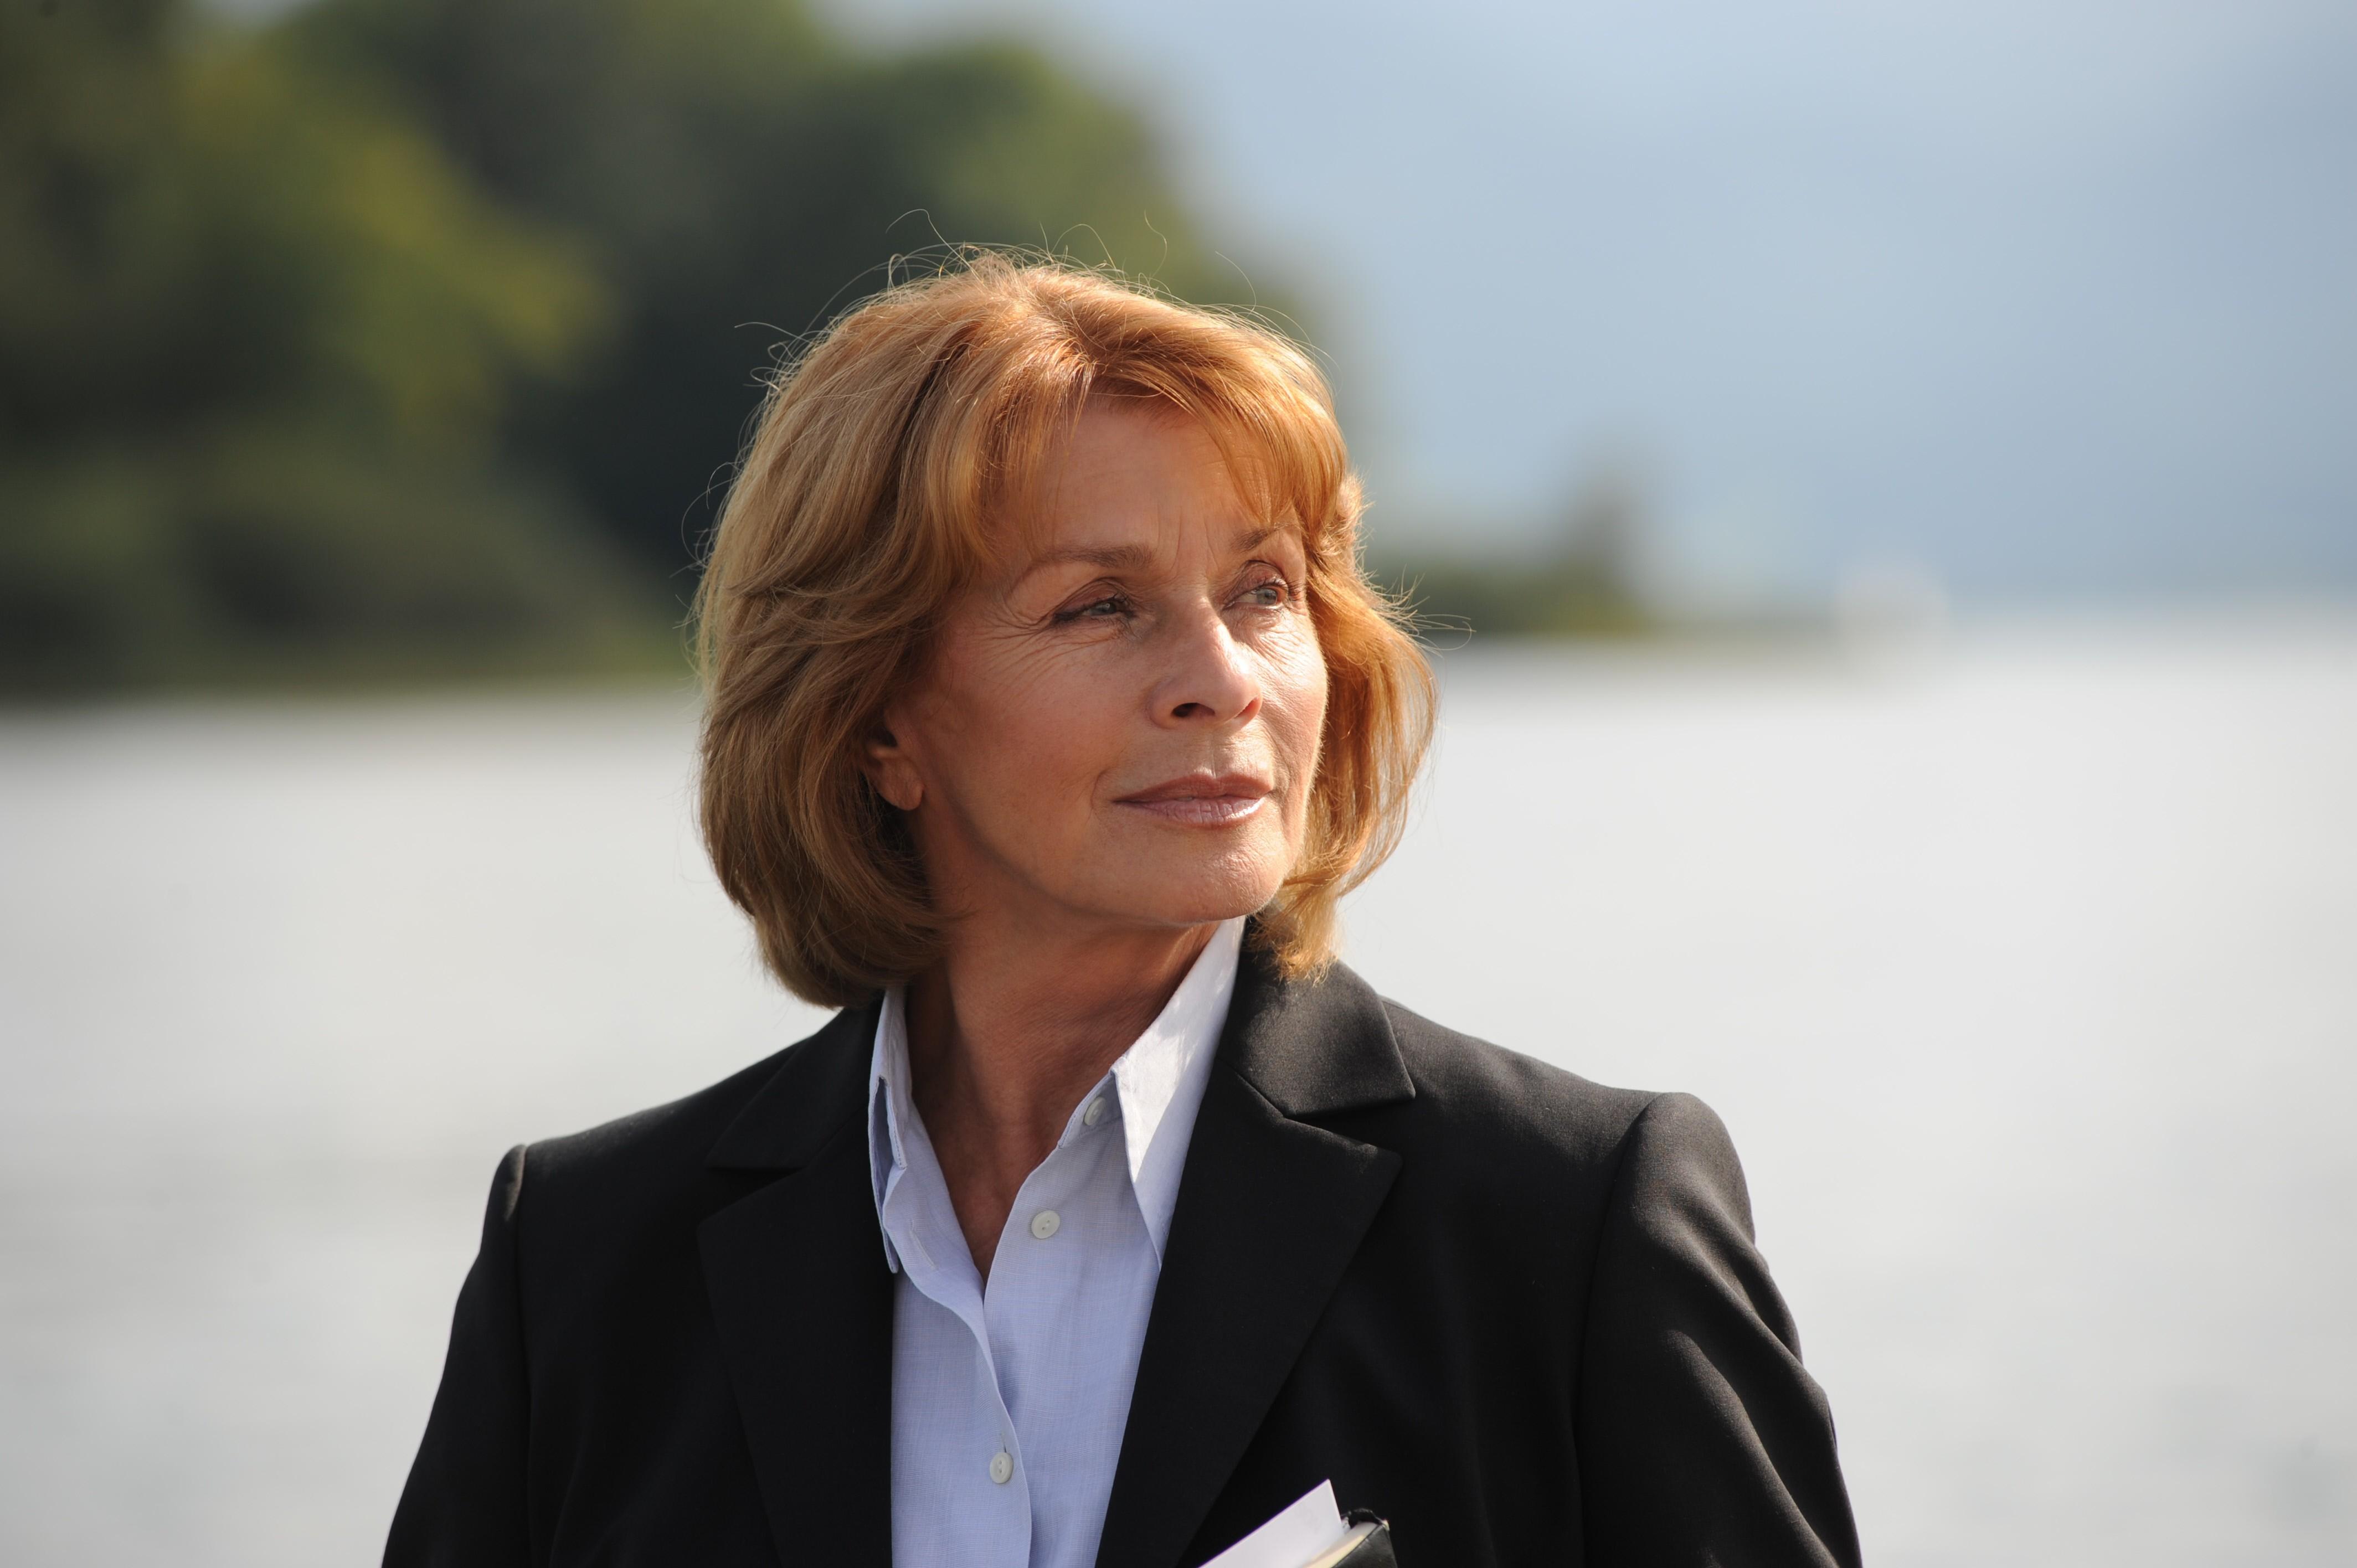 """Drehstart für """"Unter Verdacht - Persönliche Sicherheiten"""" mit Senta Berger - TV News"""